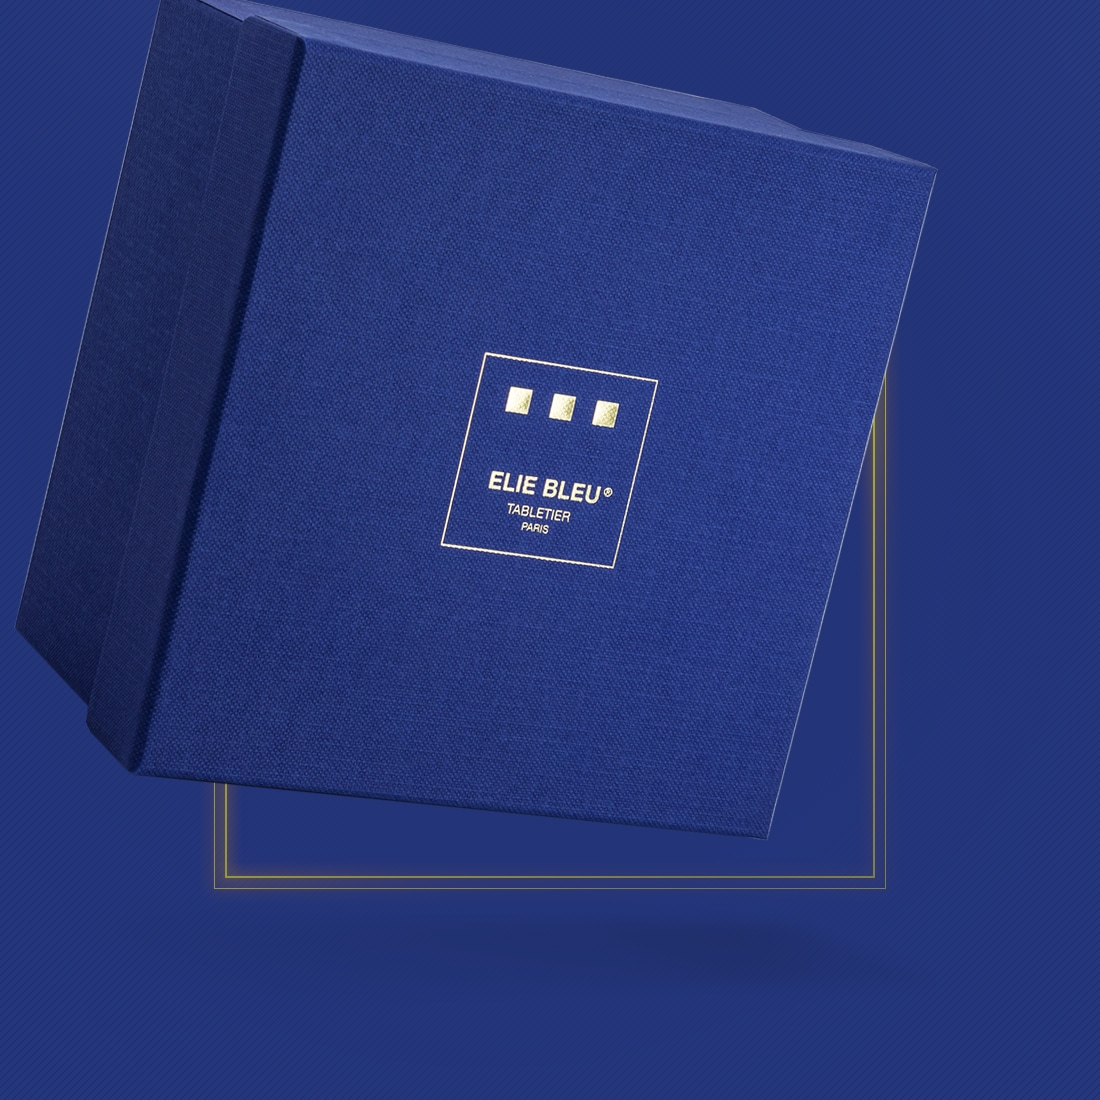 Photo #4 de Briquet de table Elie Bleu Maison Cubaine